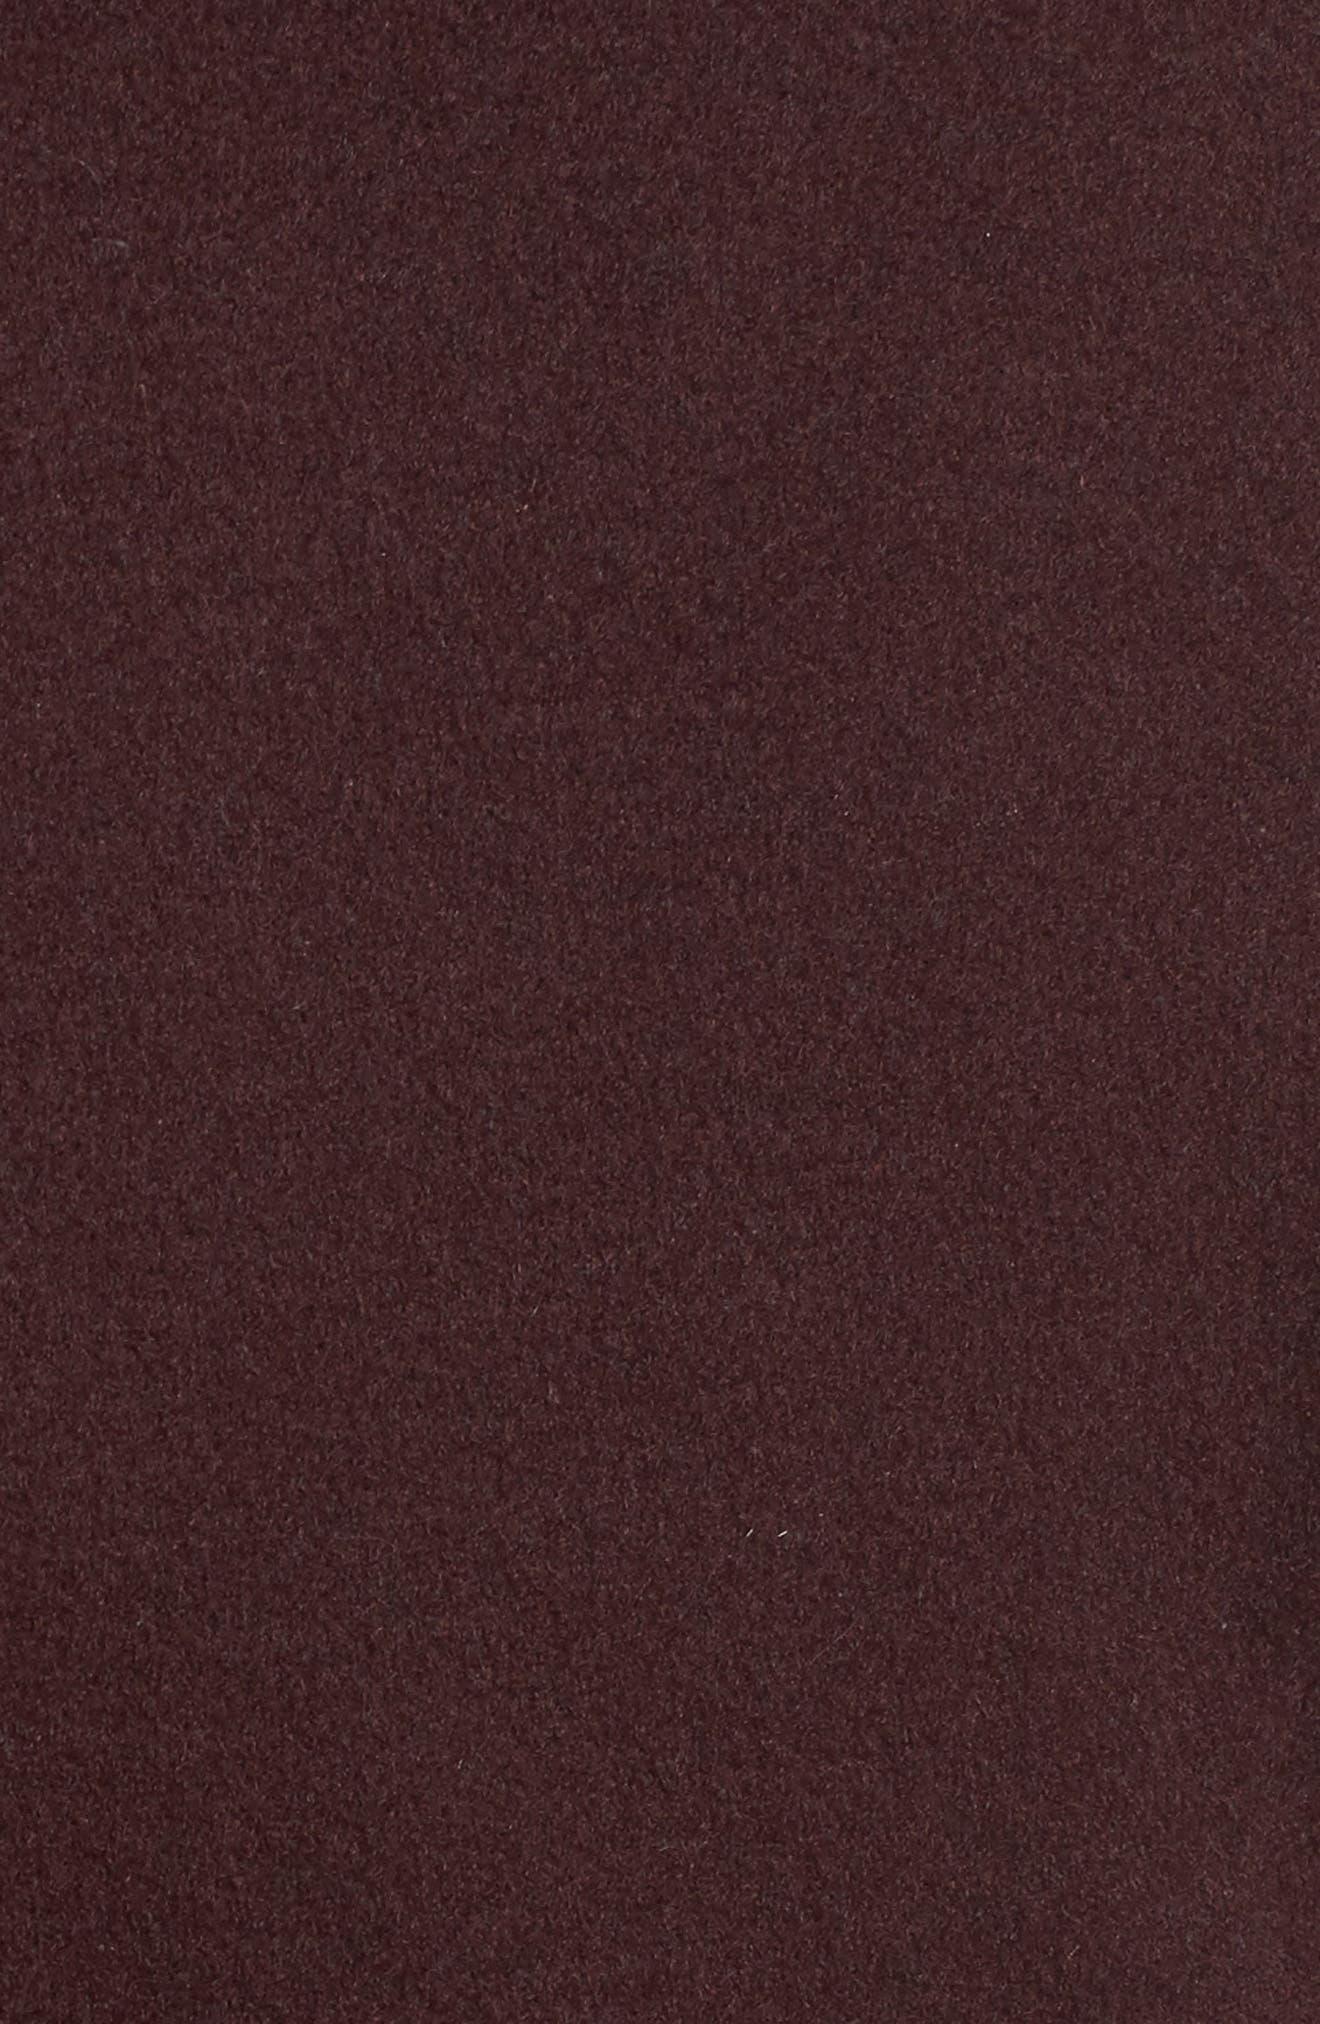 Ellie Double Face Wool Blend Wrap Coat,                             Alternate thumbnail 18, color,